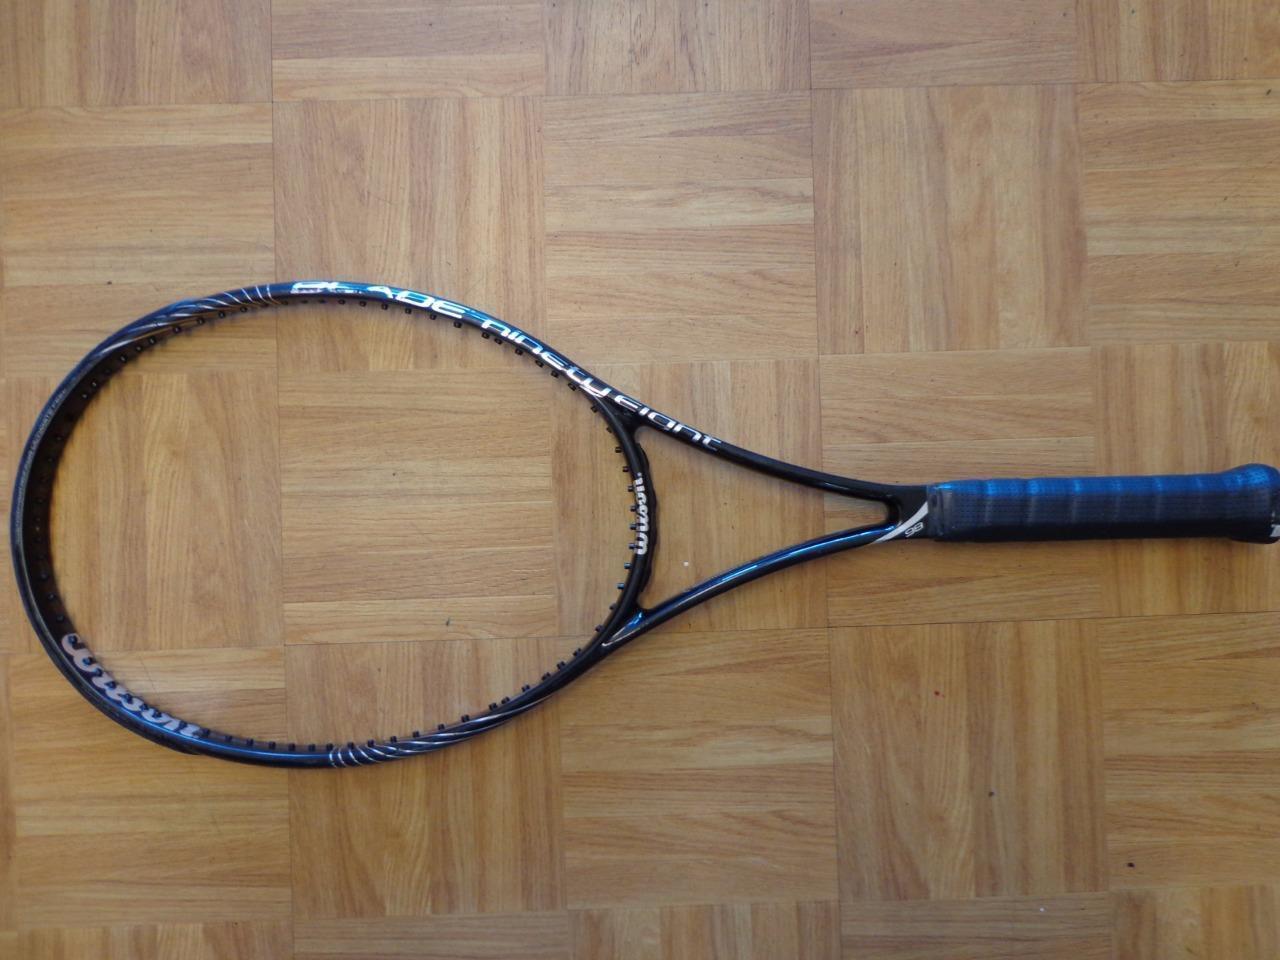 Wilson 2013 Blade 98 18x20 patrón 98 cabeza 4  1 2 Grip Tenis Raqueta  venta al por mayor barato